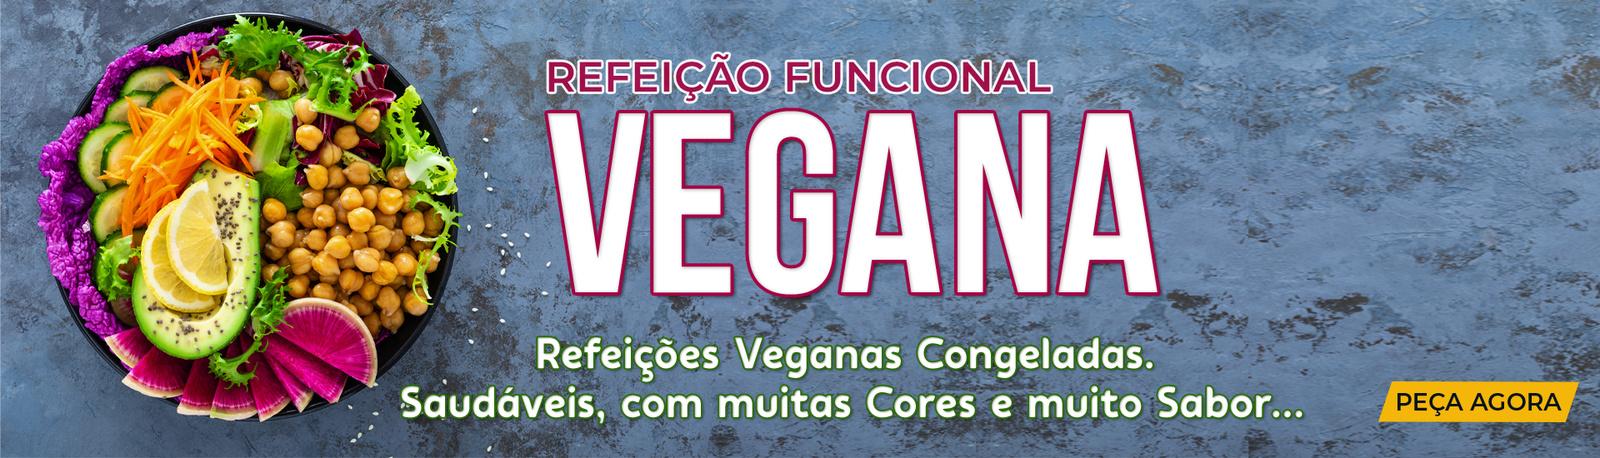 vegana_banner